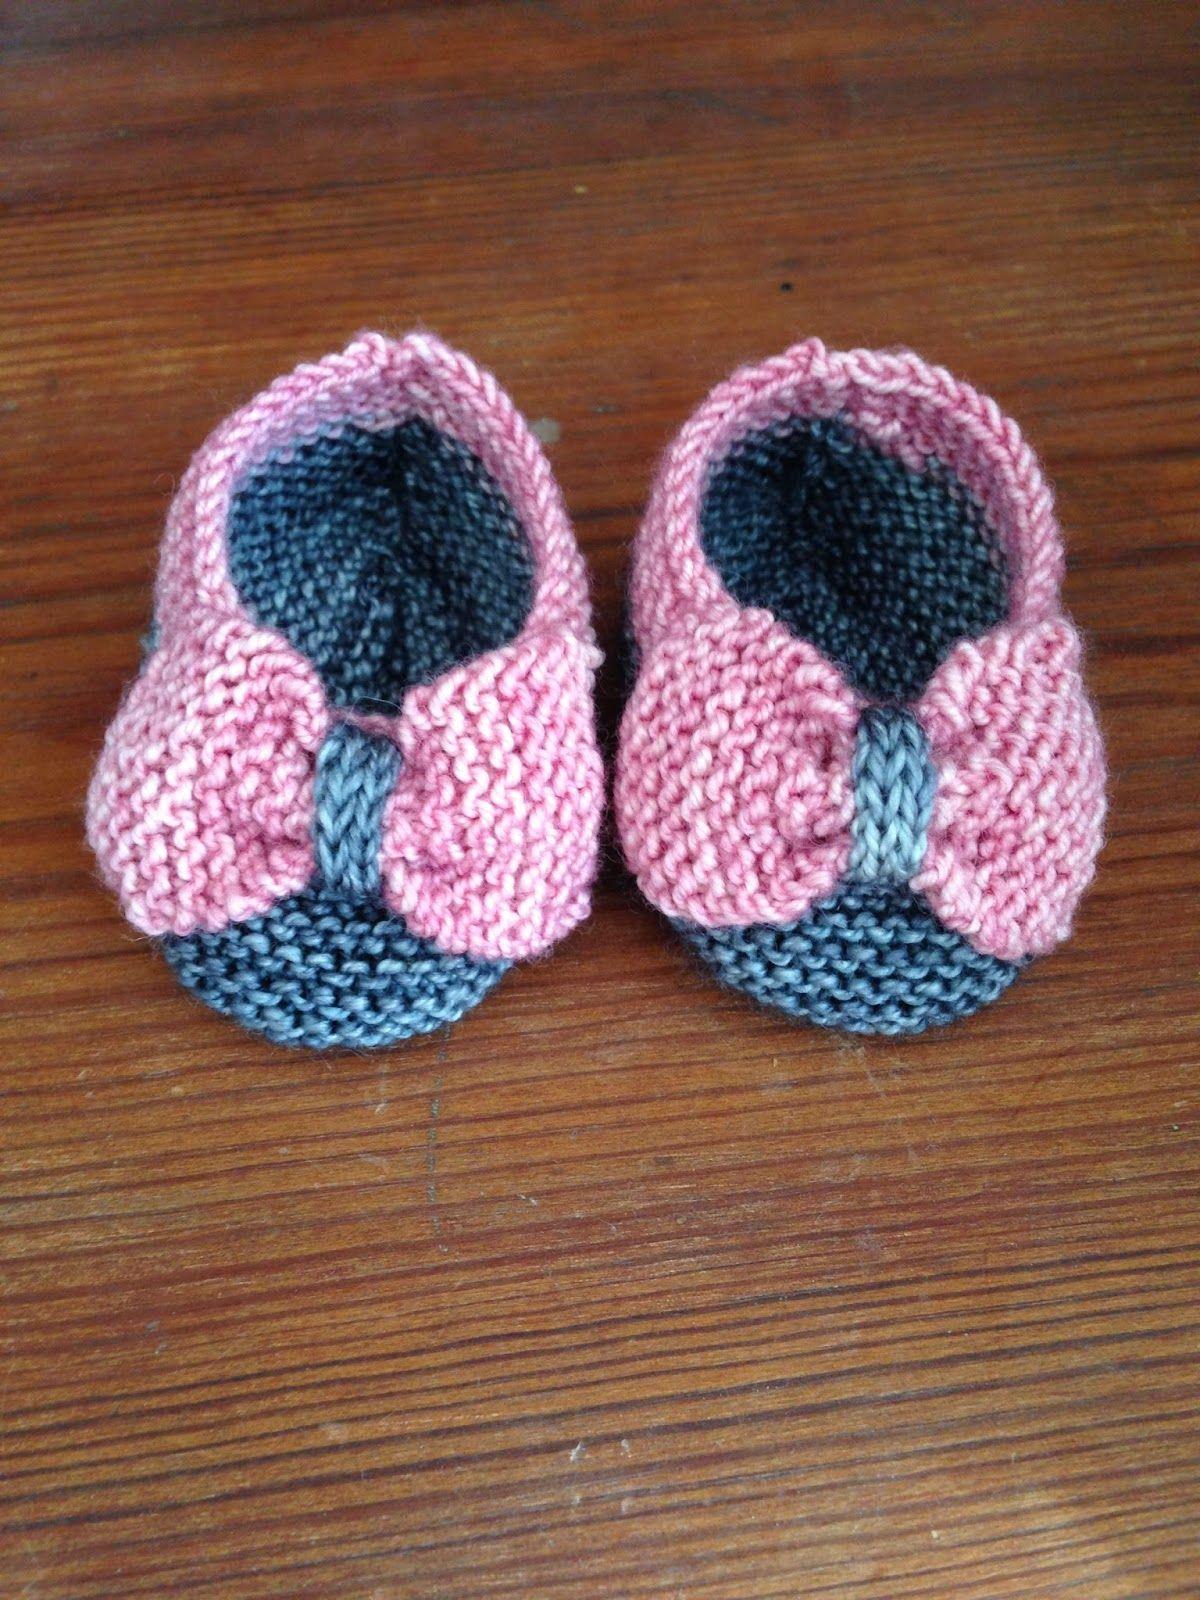 Baby Bootie Knitting Patterns | Babyschühchen, Stricken und Stricken ...